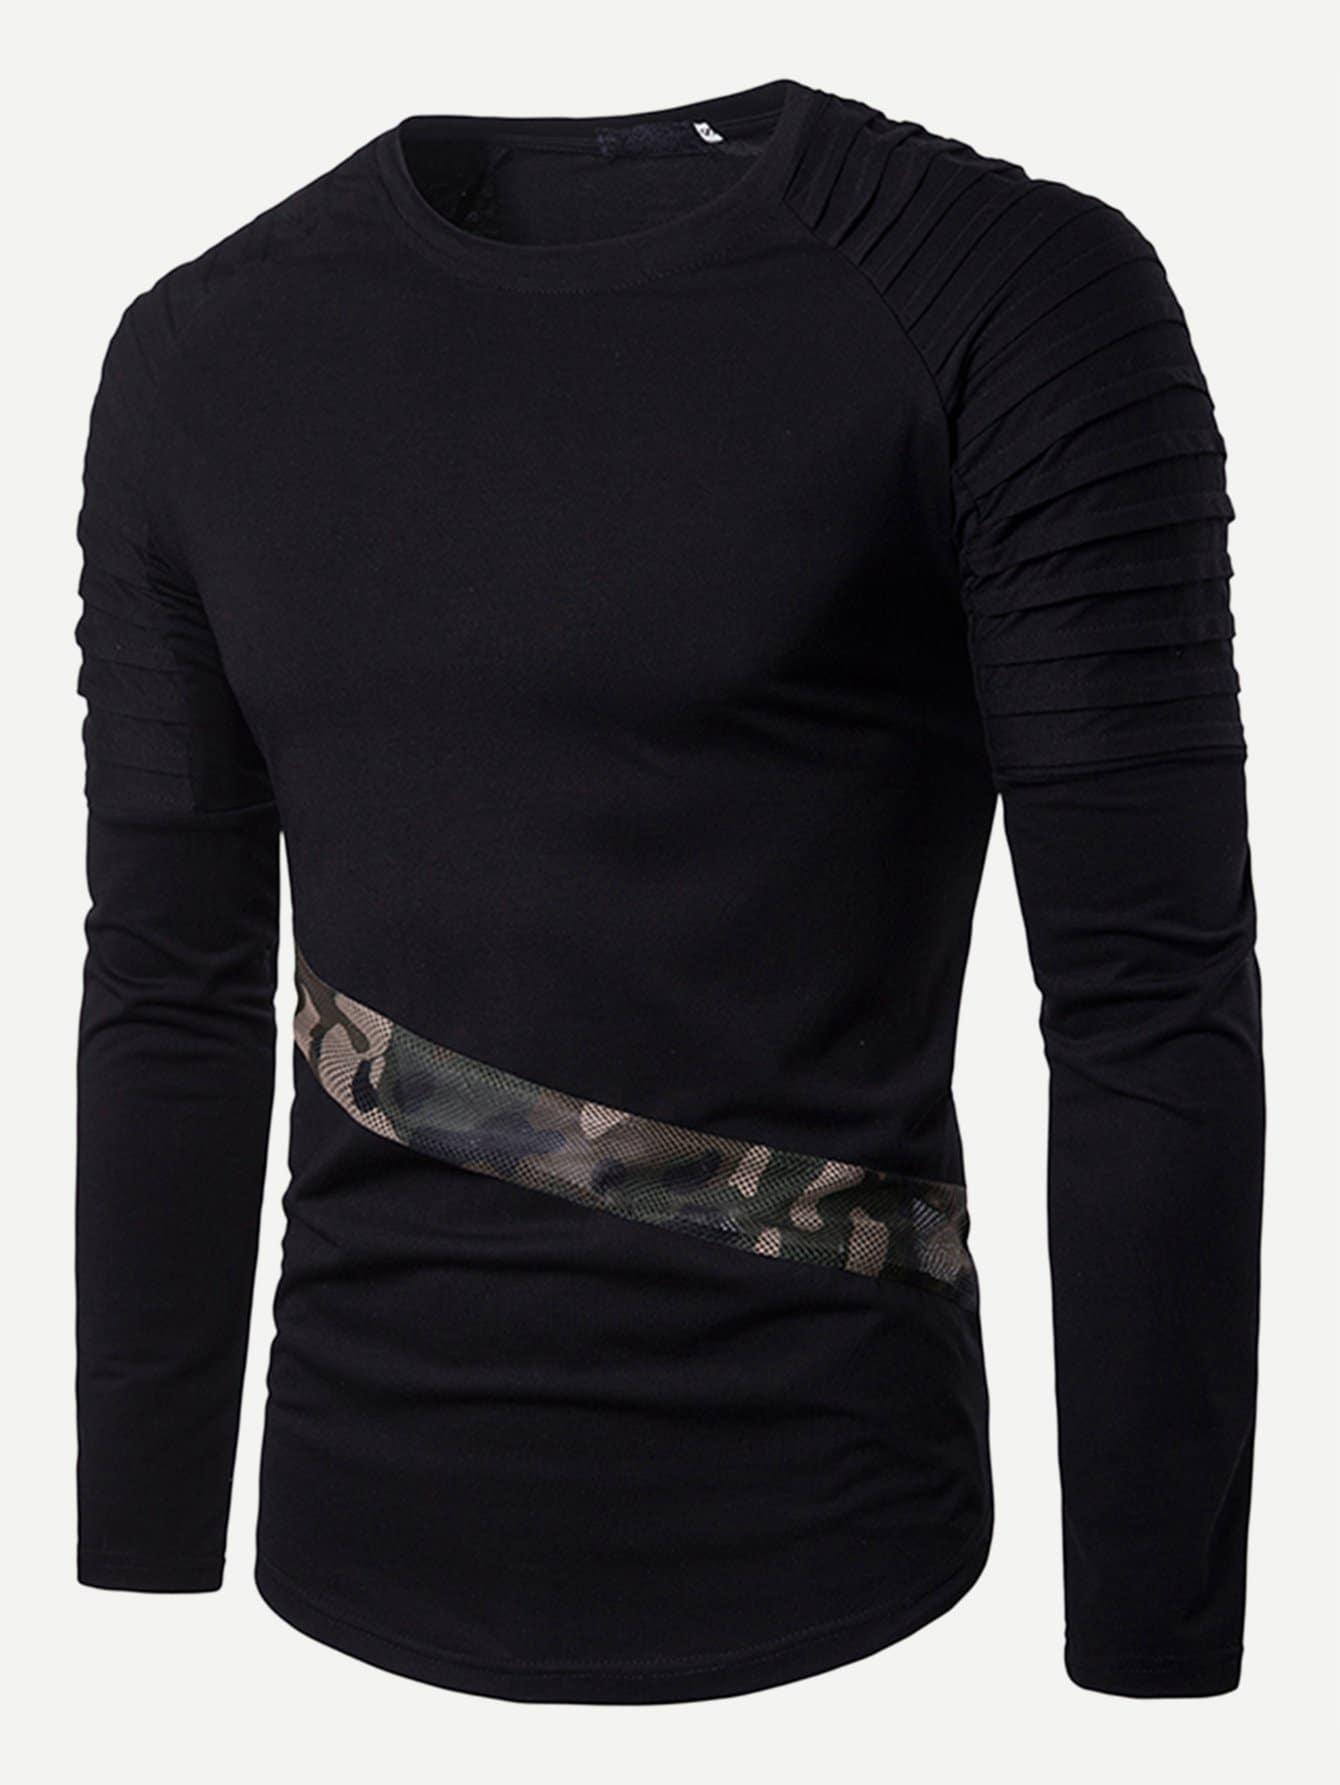 Купить Мужская футболка с рукав-регланами и контрастными камуфляжами, null, SheIn